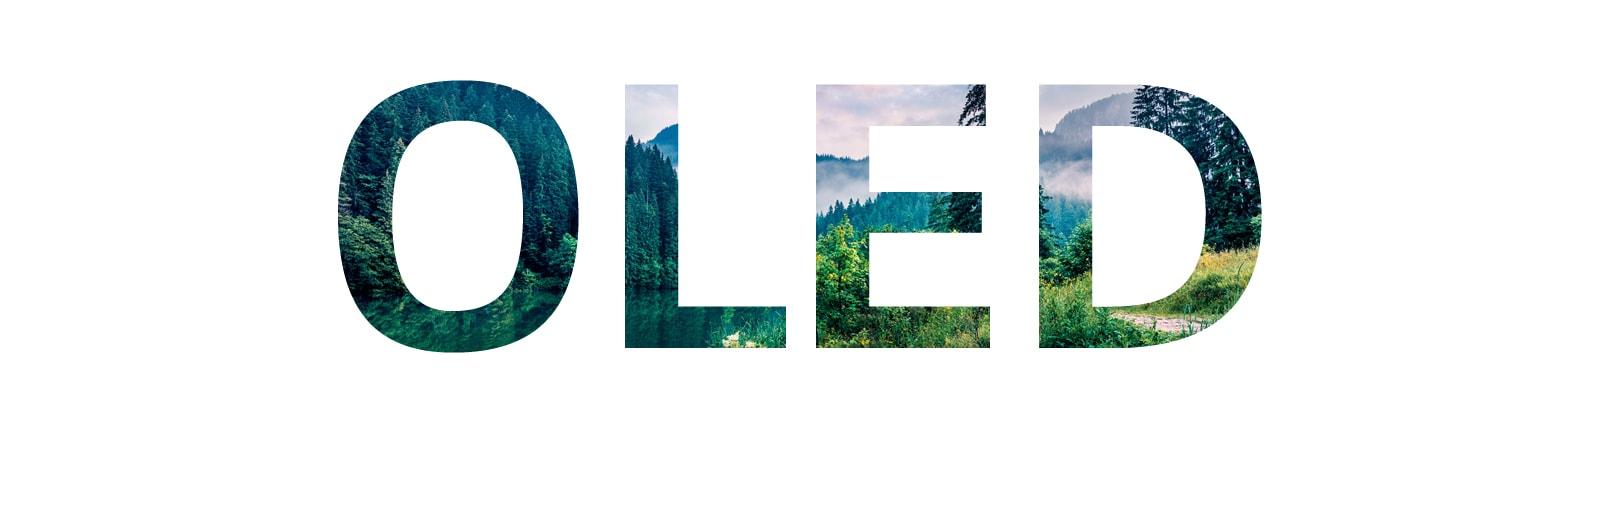 """Słowo """"OLED"""" wypełnione obrazem natury przesuwającym się z prawej strony (odtwórz wideo)"""